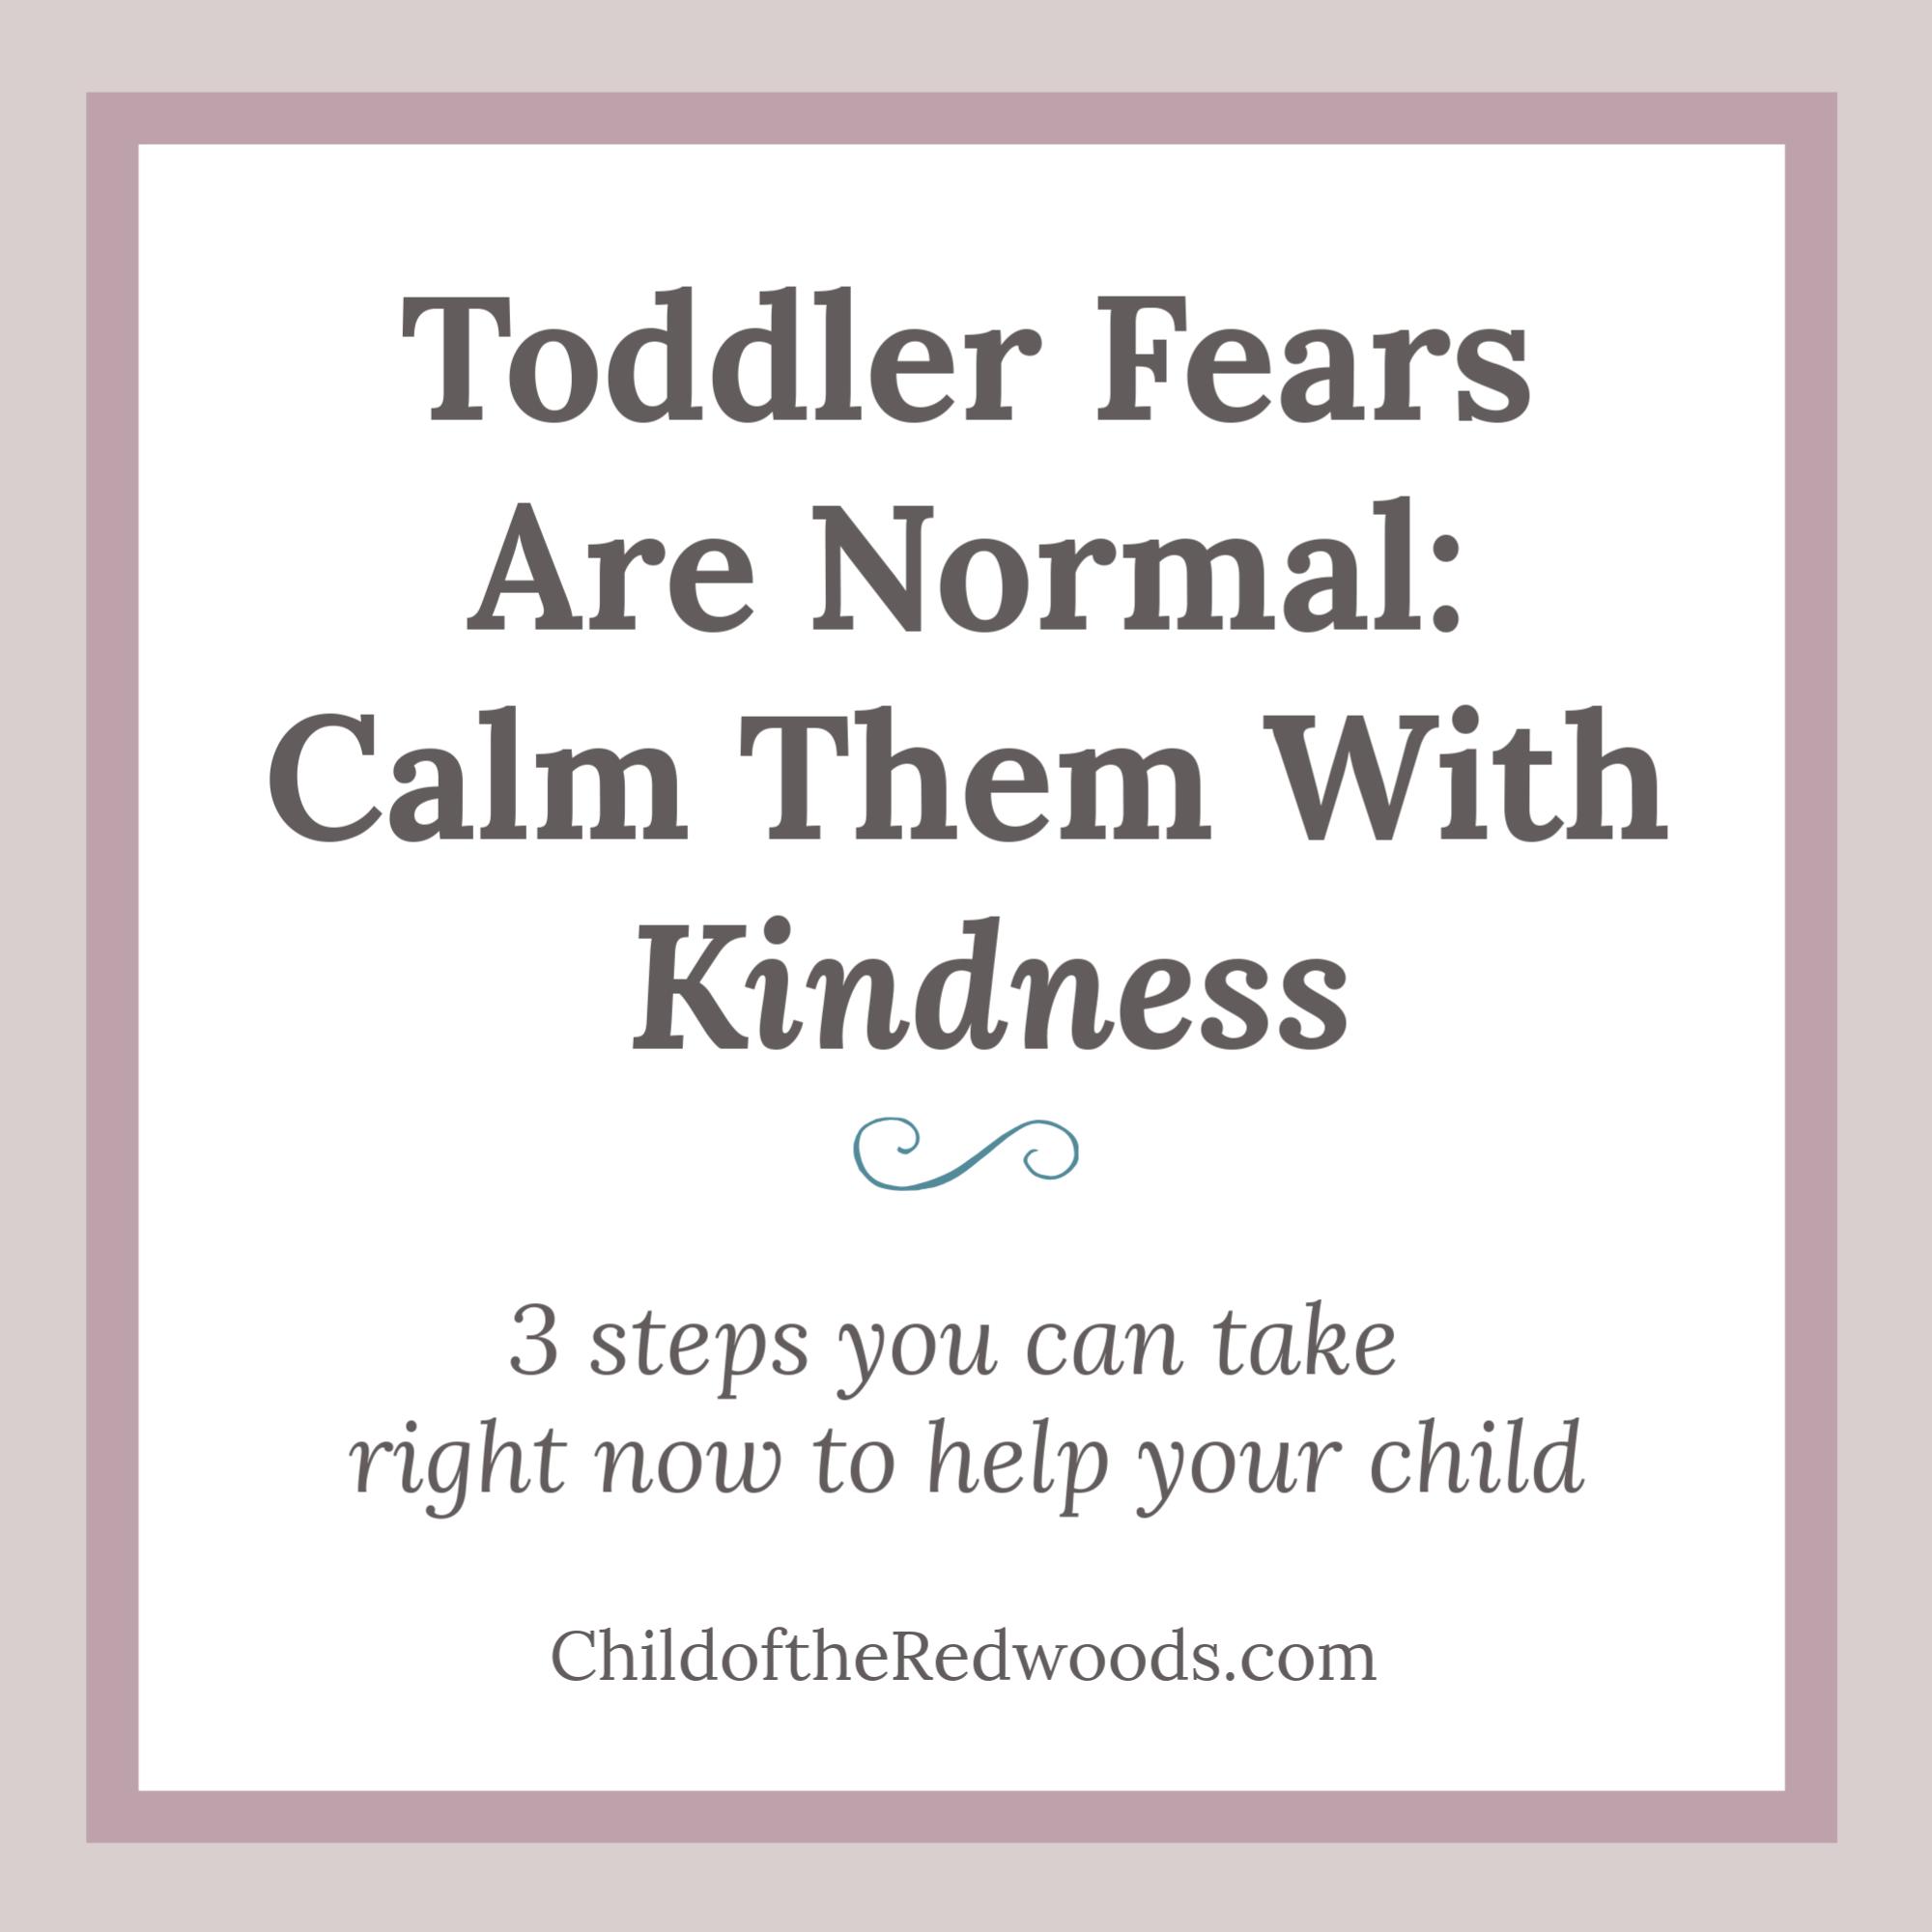 toddlerfearsarenormal.png